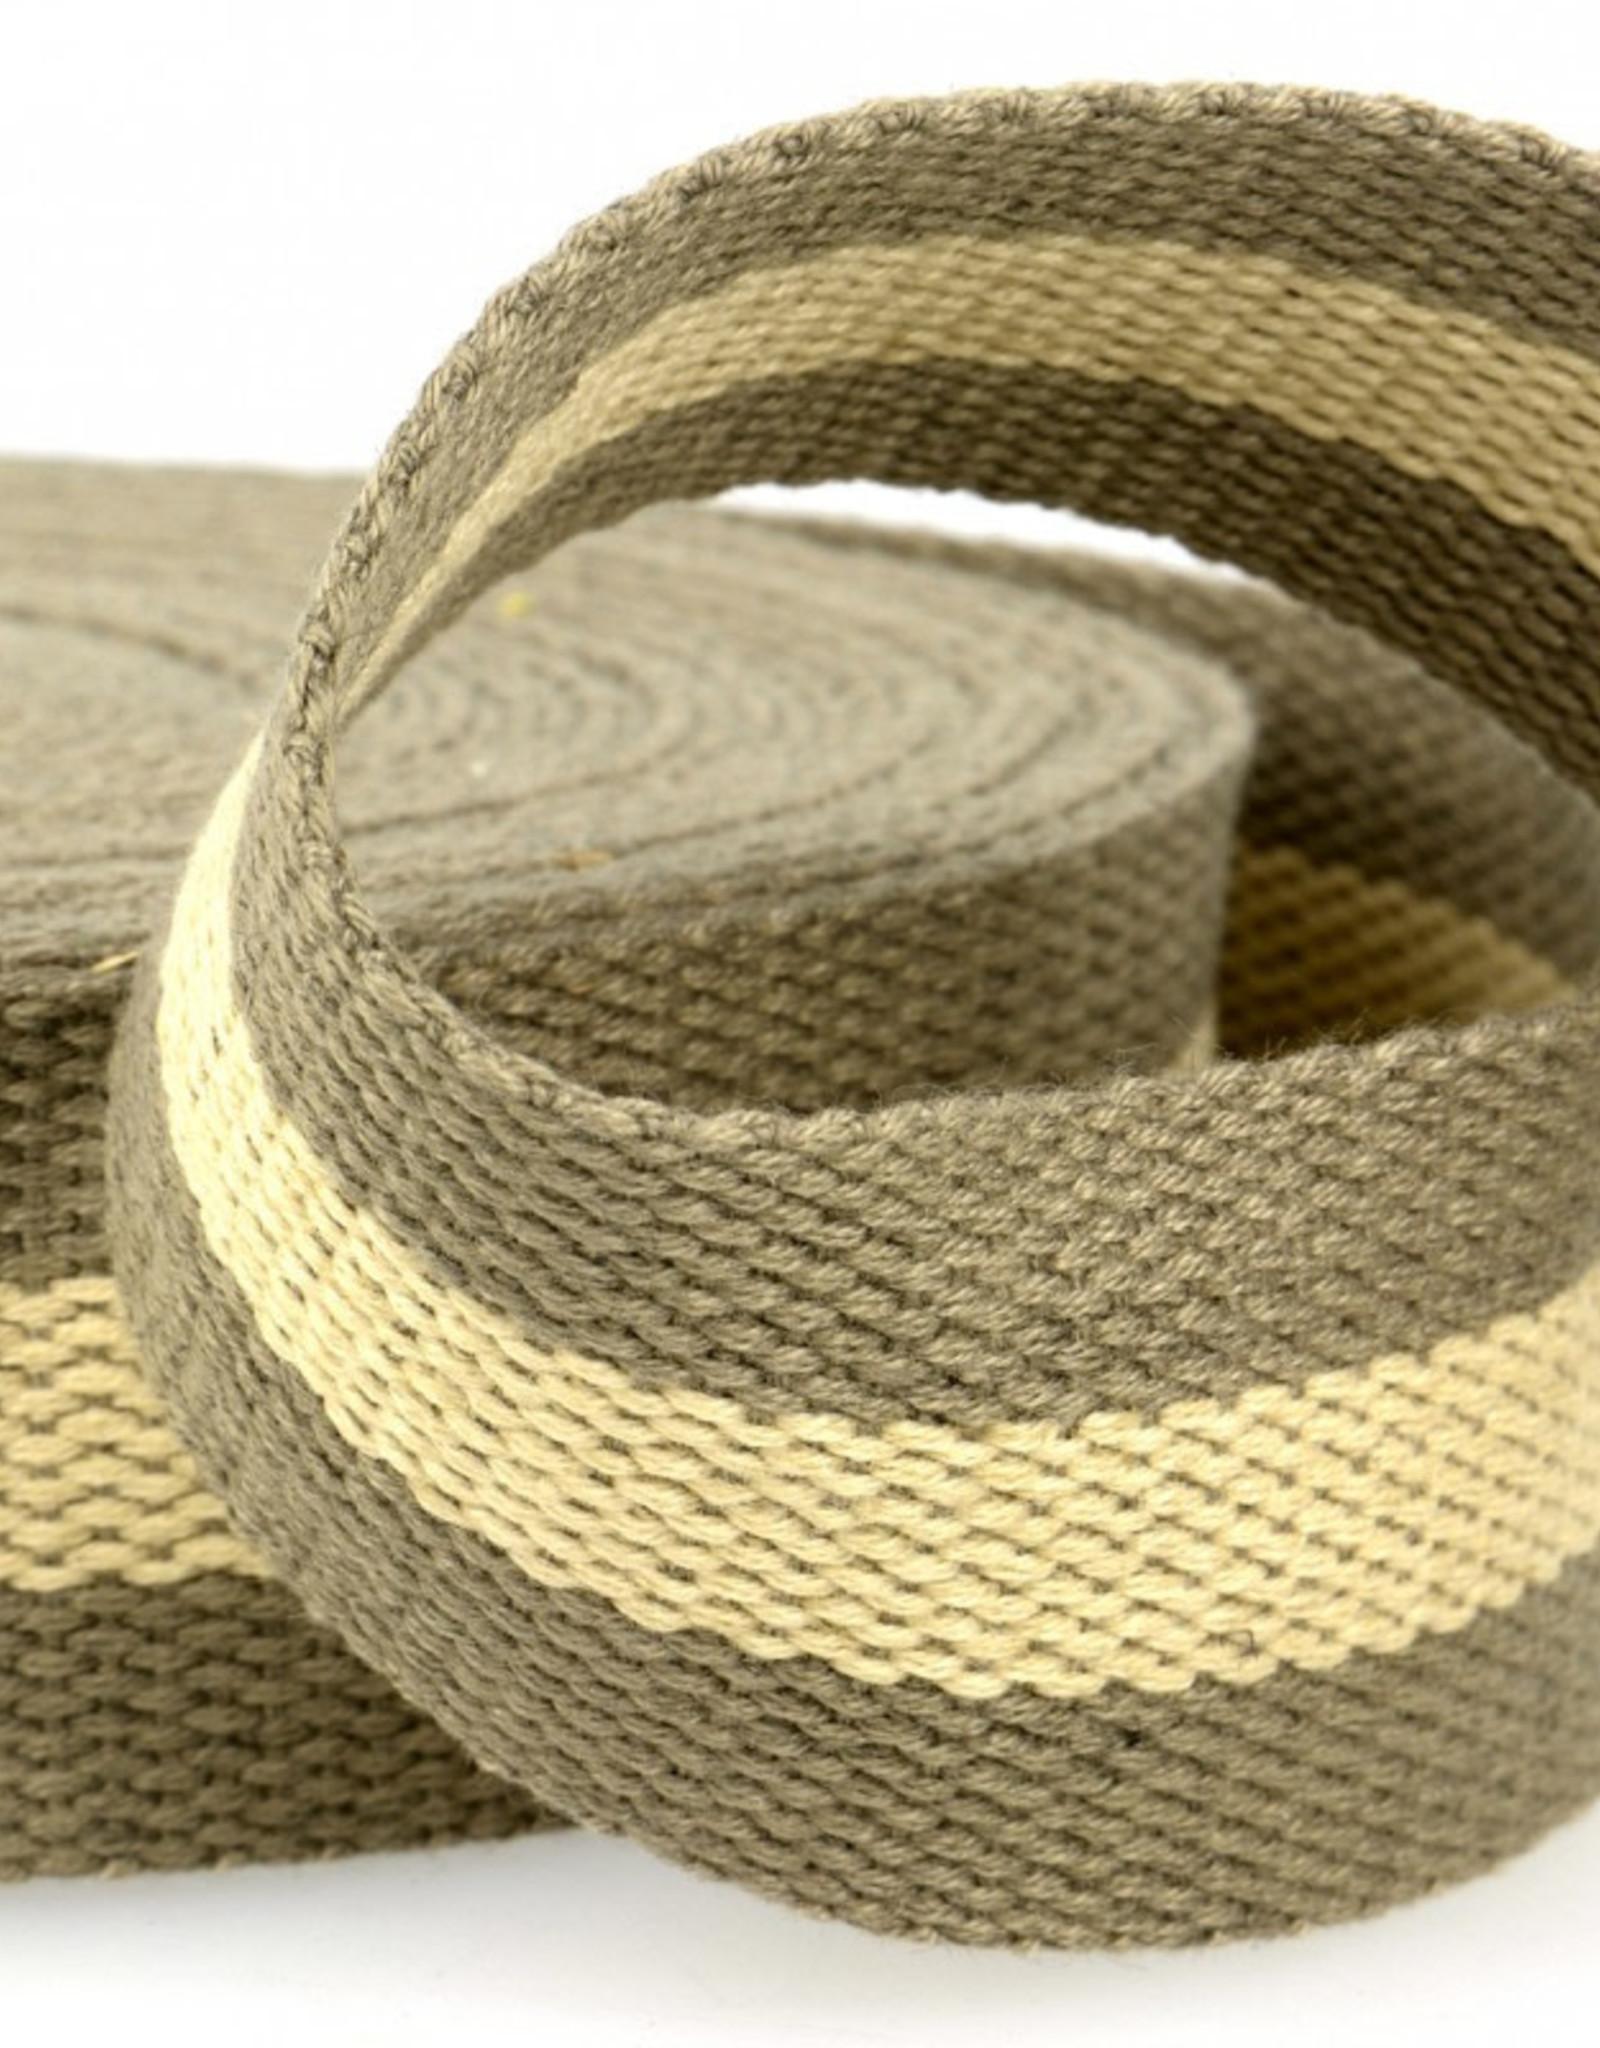 Tassenband - Taupe/Beige Gestreept - 40mm